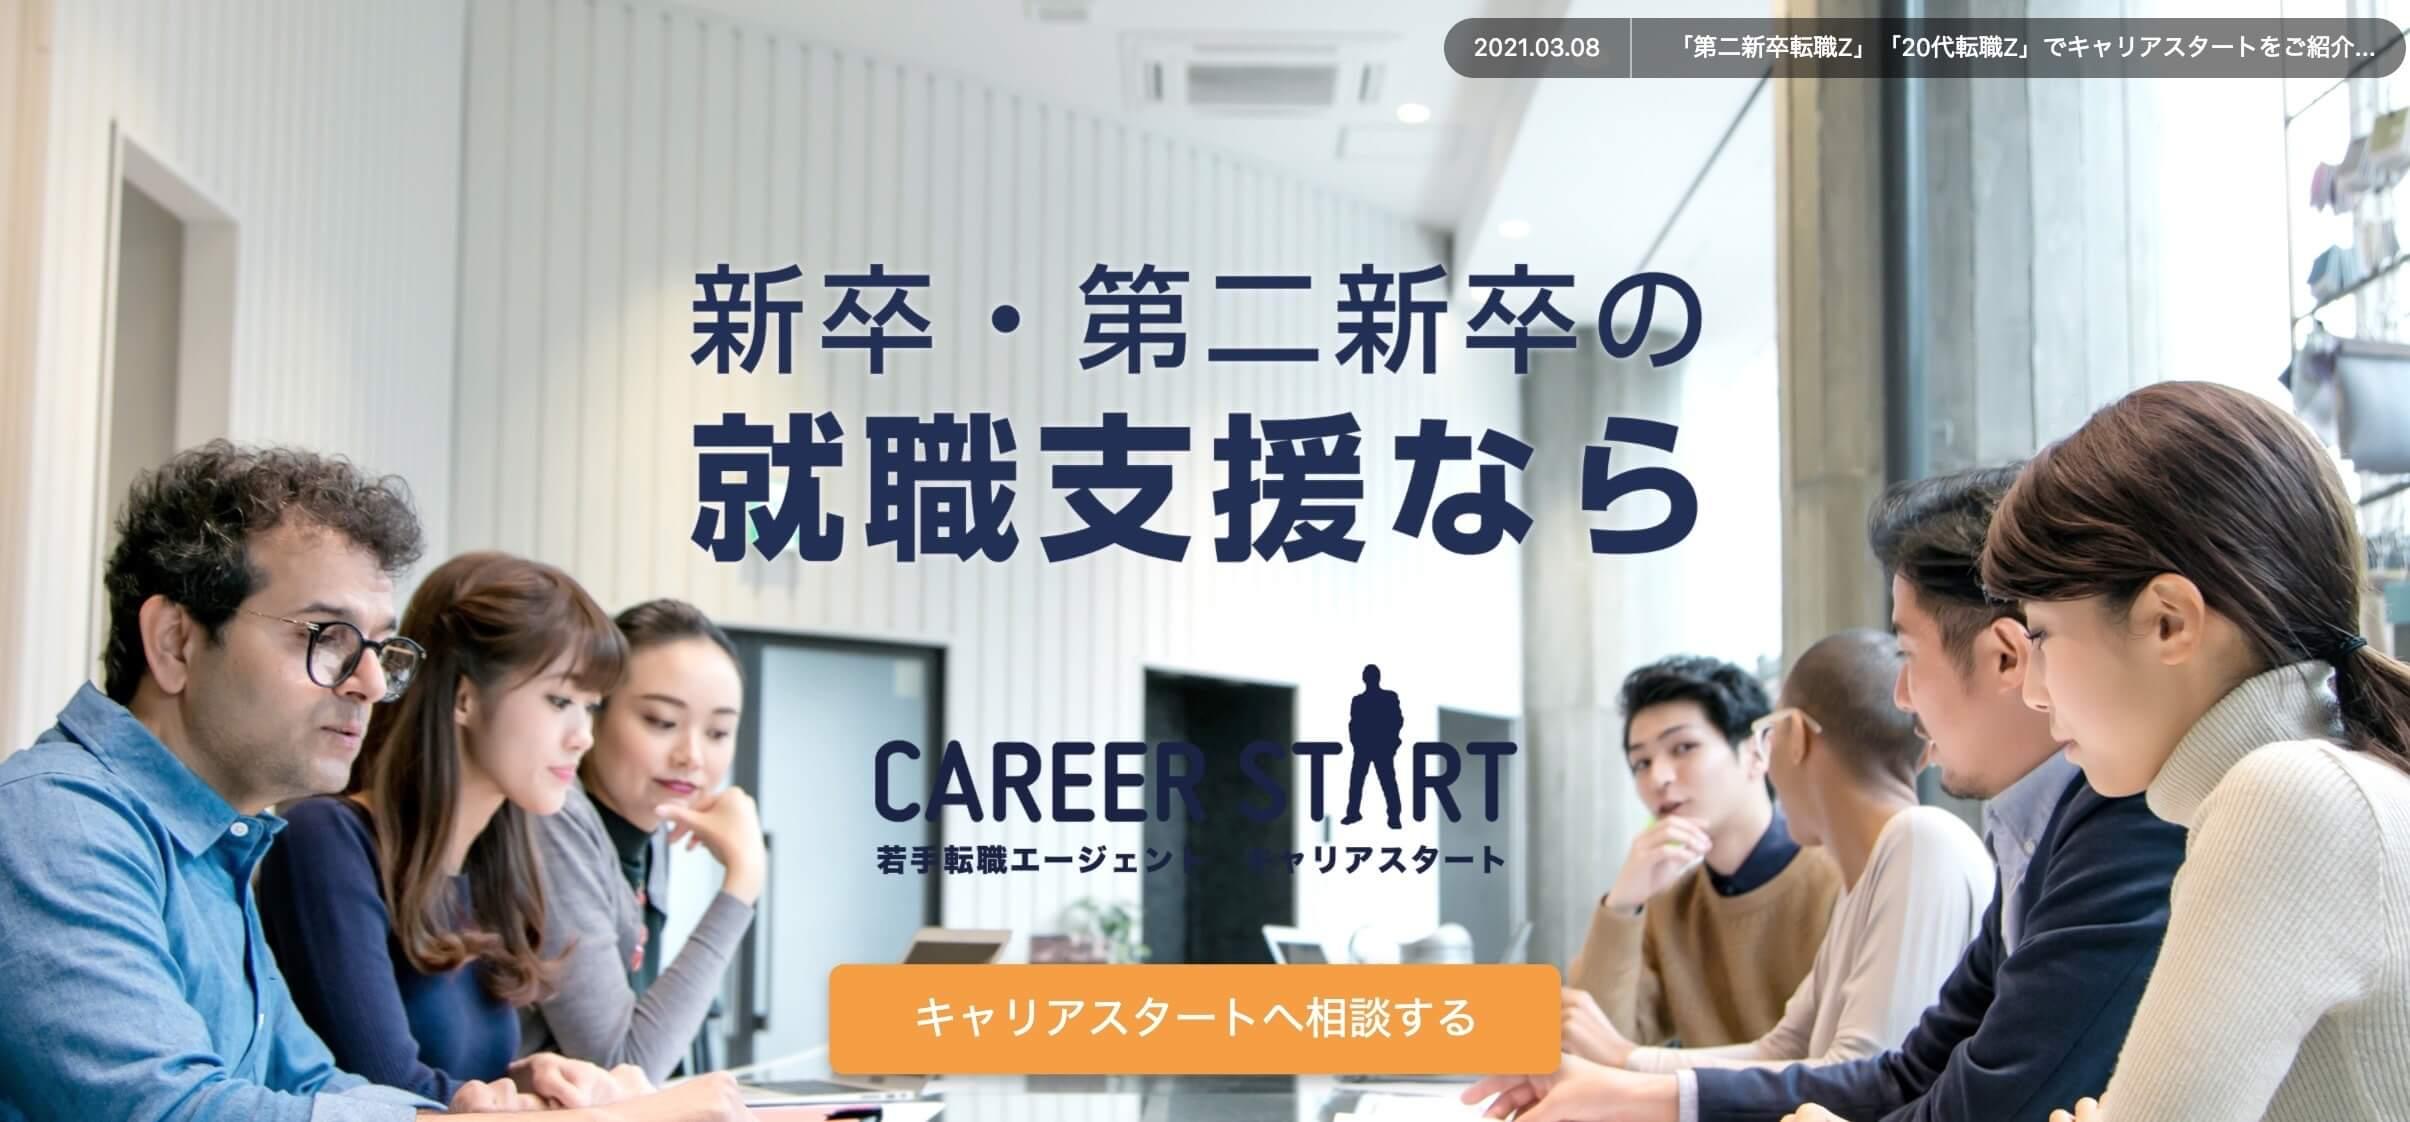 キャリアスタートの公式サイト